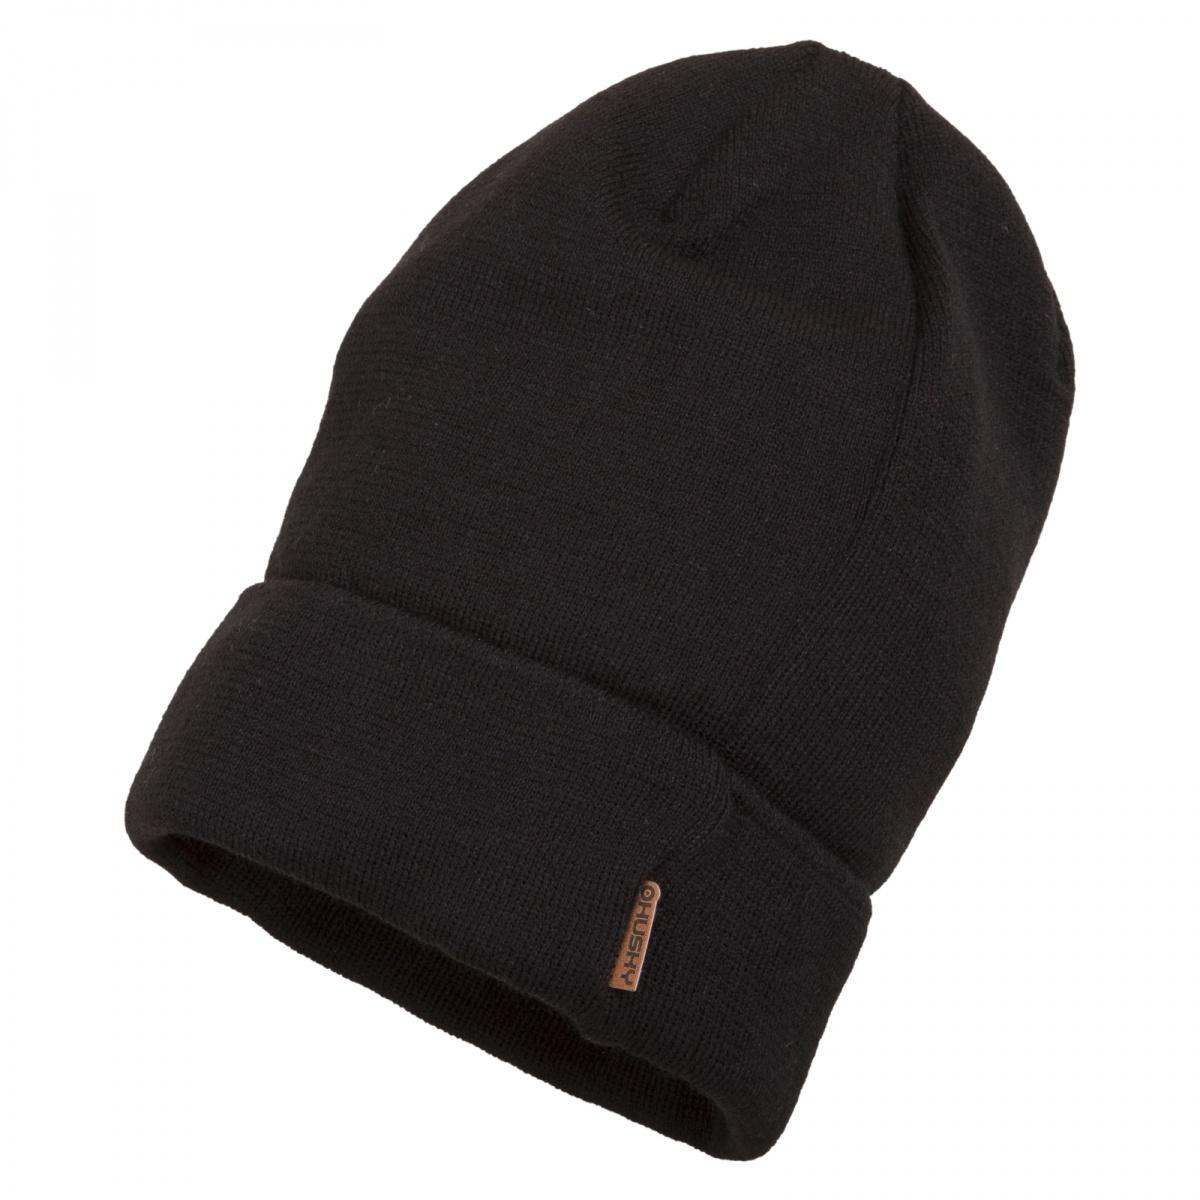 Pánská čepice - Cap 20 – černá  09bc92f759